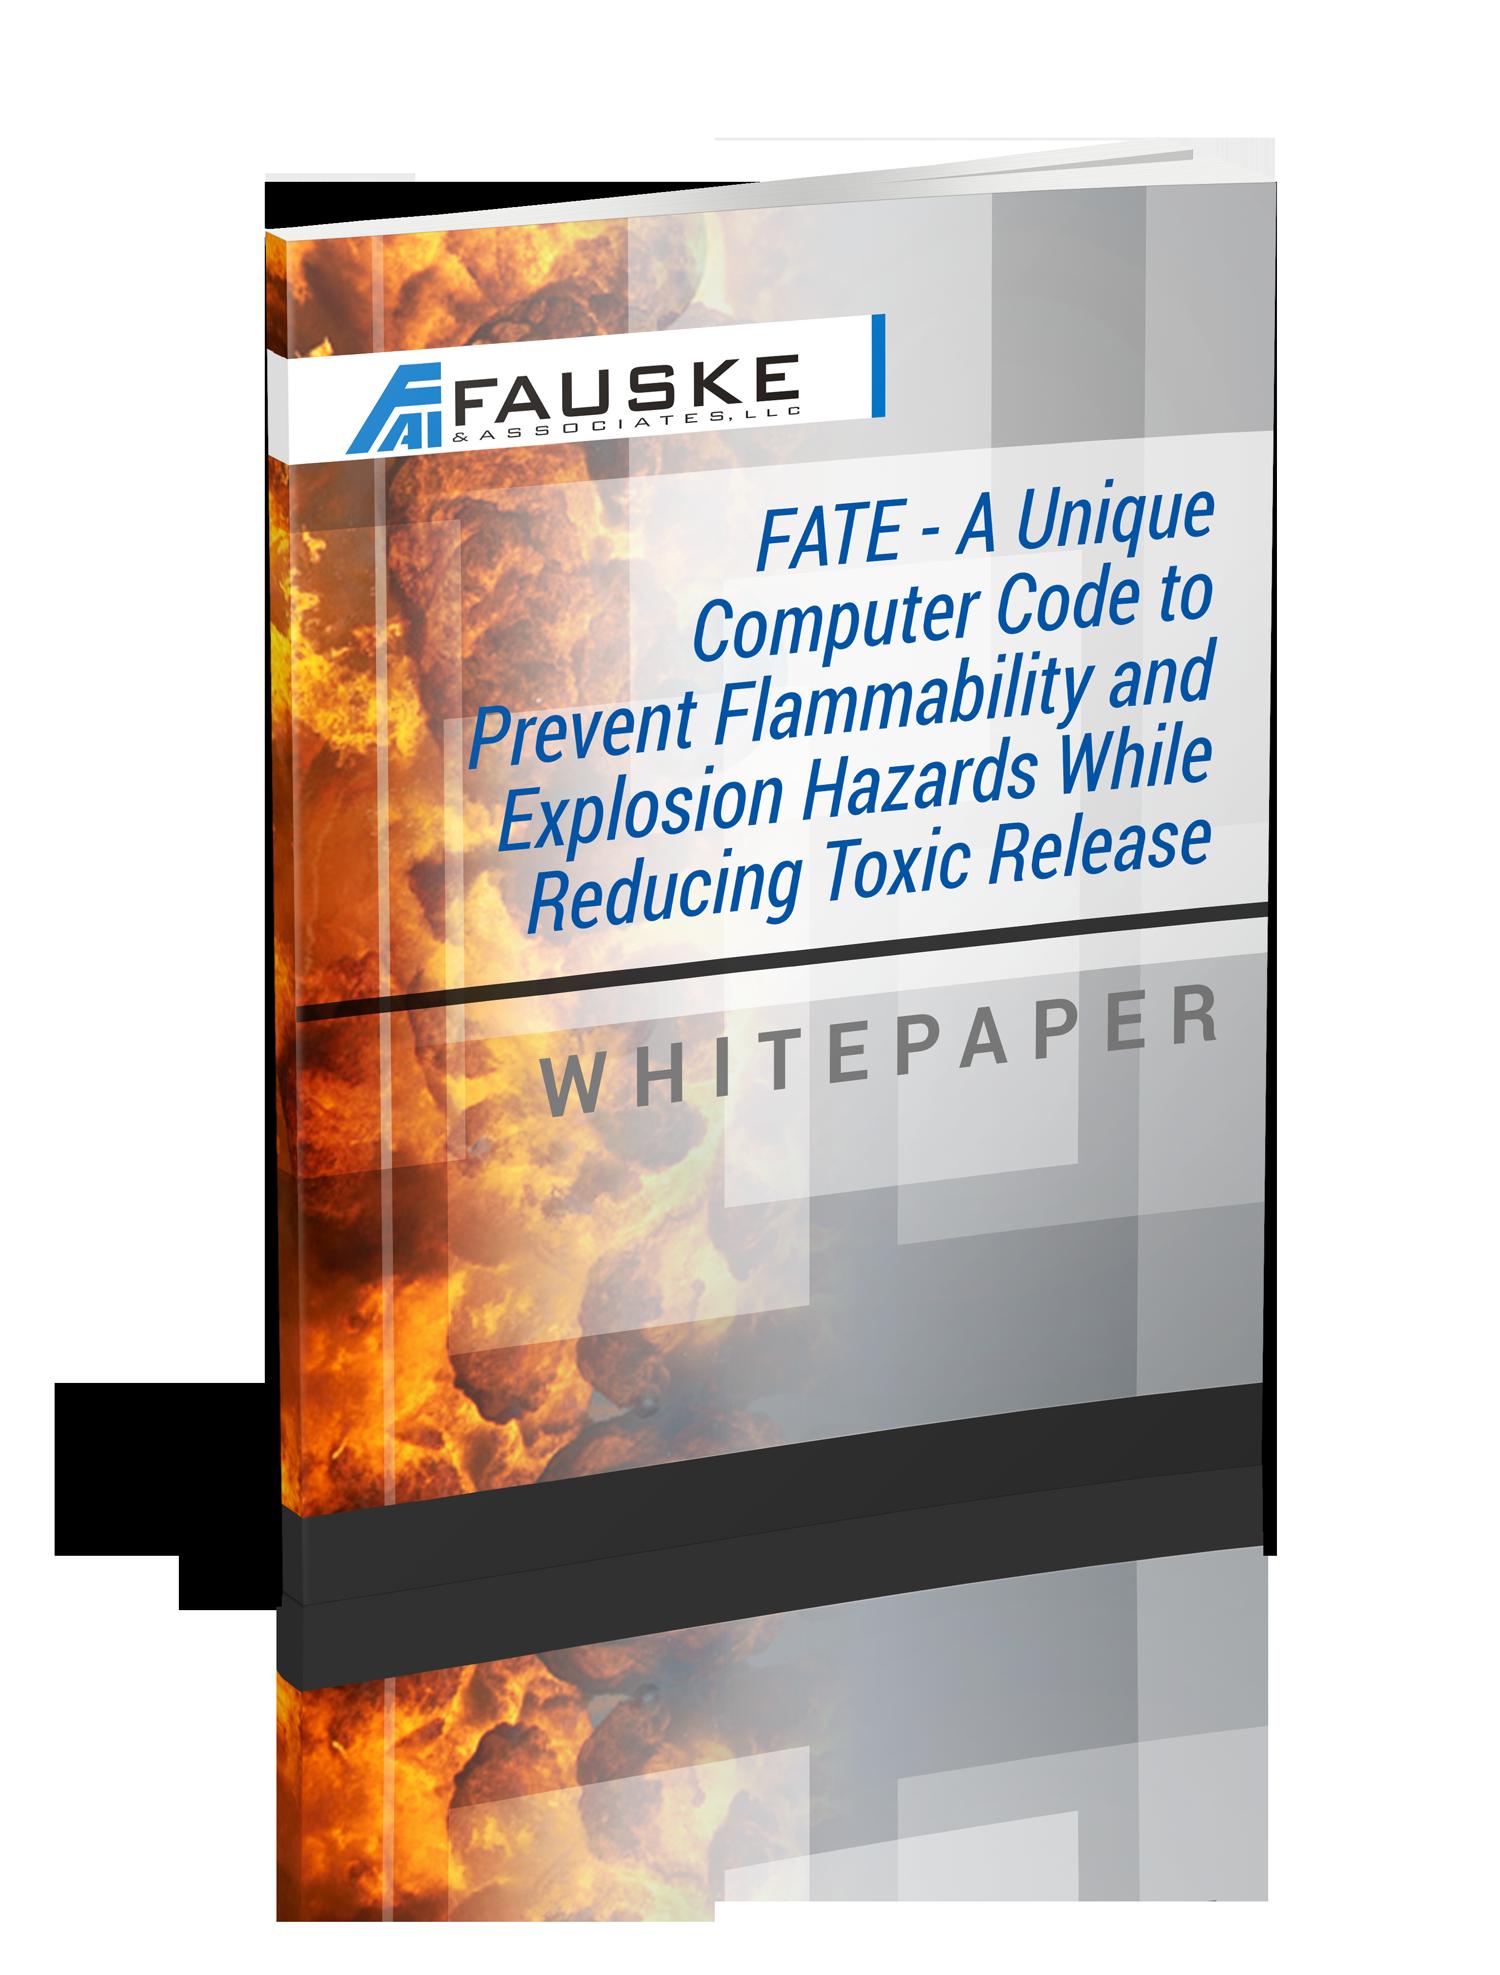 fauske-eb-cover-whitepaper-FATE